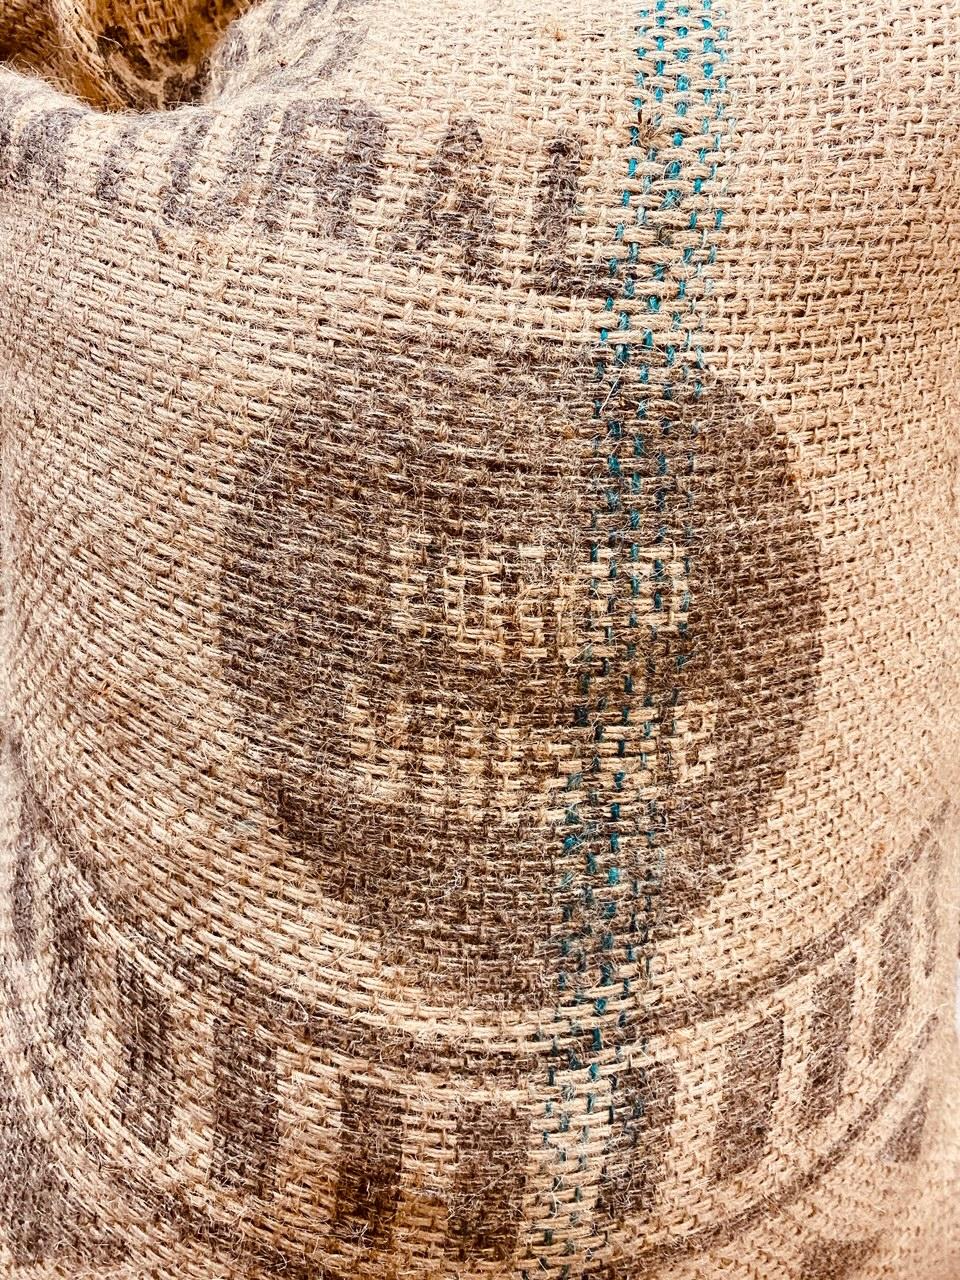 エチオピア イルガチェフェ地区のど真ん中にあるイディドという精製所のG1ナチュラルになります。この精製所は非常に受け入れ条件が厳しいことで知られ欠点豆・未熟豆が少し混入していると受け入れてもらえません。しかし、それでも各地から豆を持ち込む農家が絶えずハイクオリティなモカが集まることで知られております。受け入れ条件は厳しいもののその分高い対価を得られ、そこの製品であると言うことがある種のステータスにもなるようです。クリーンカップで風味も良くナチュラルとは思えないようなクセのない逸品です。